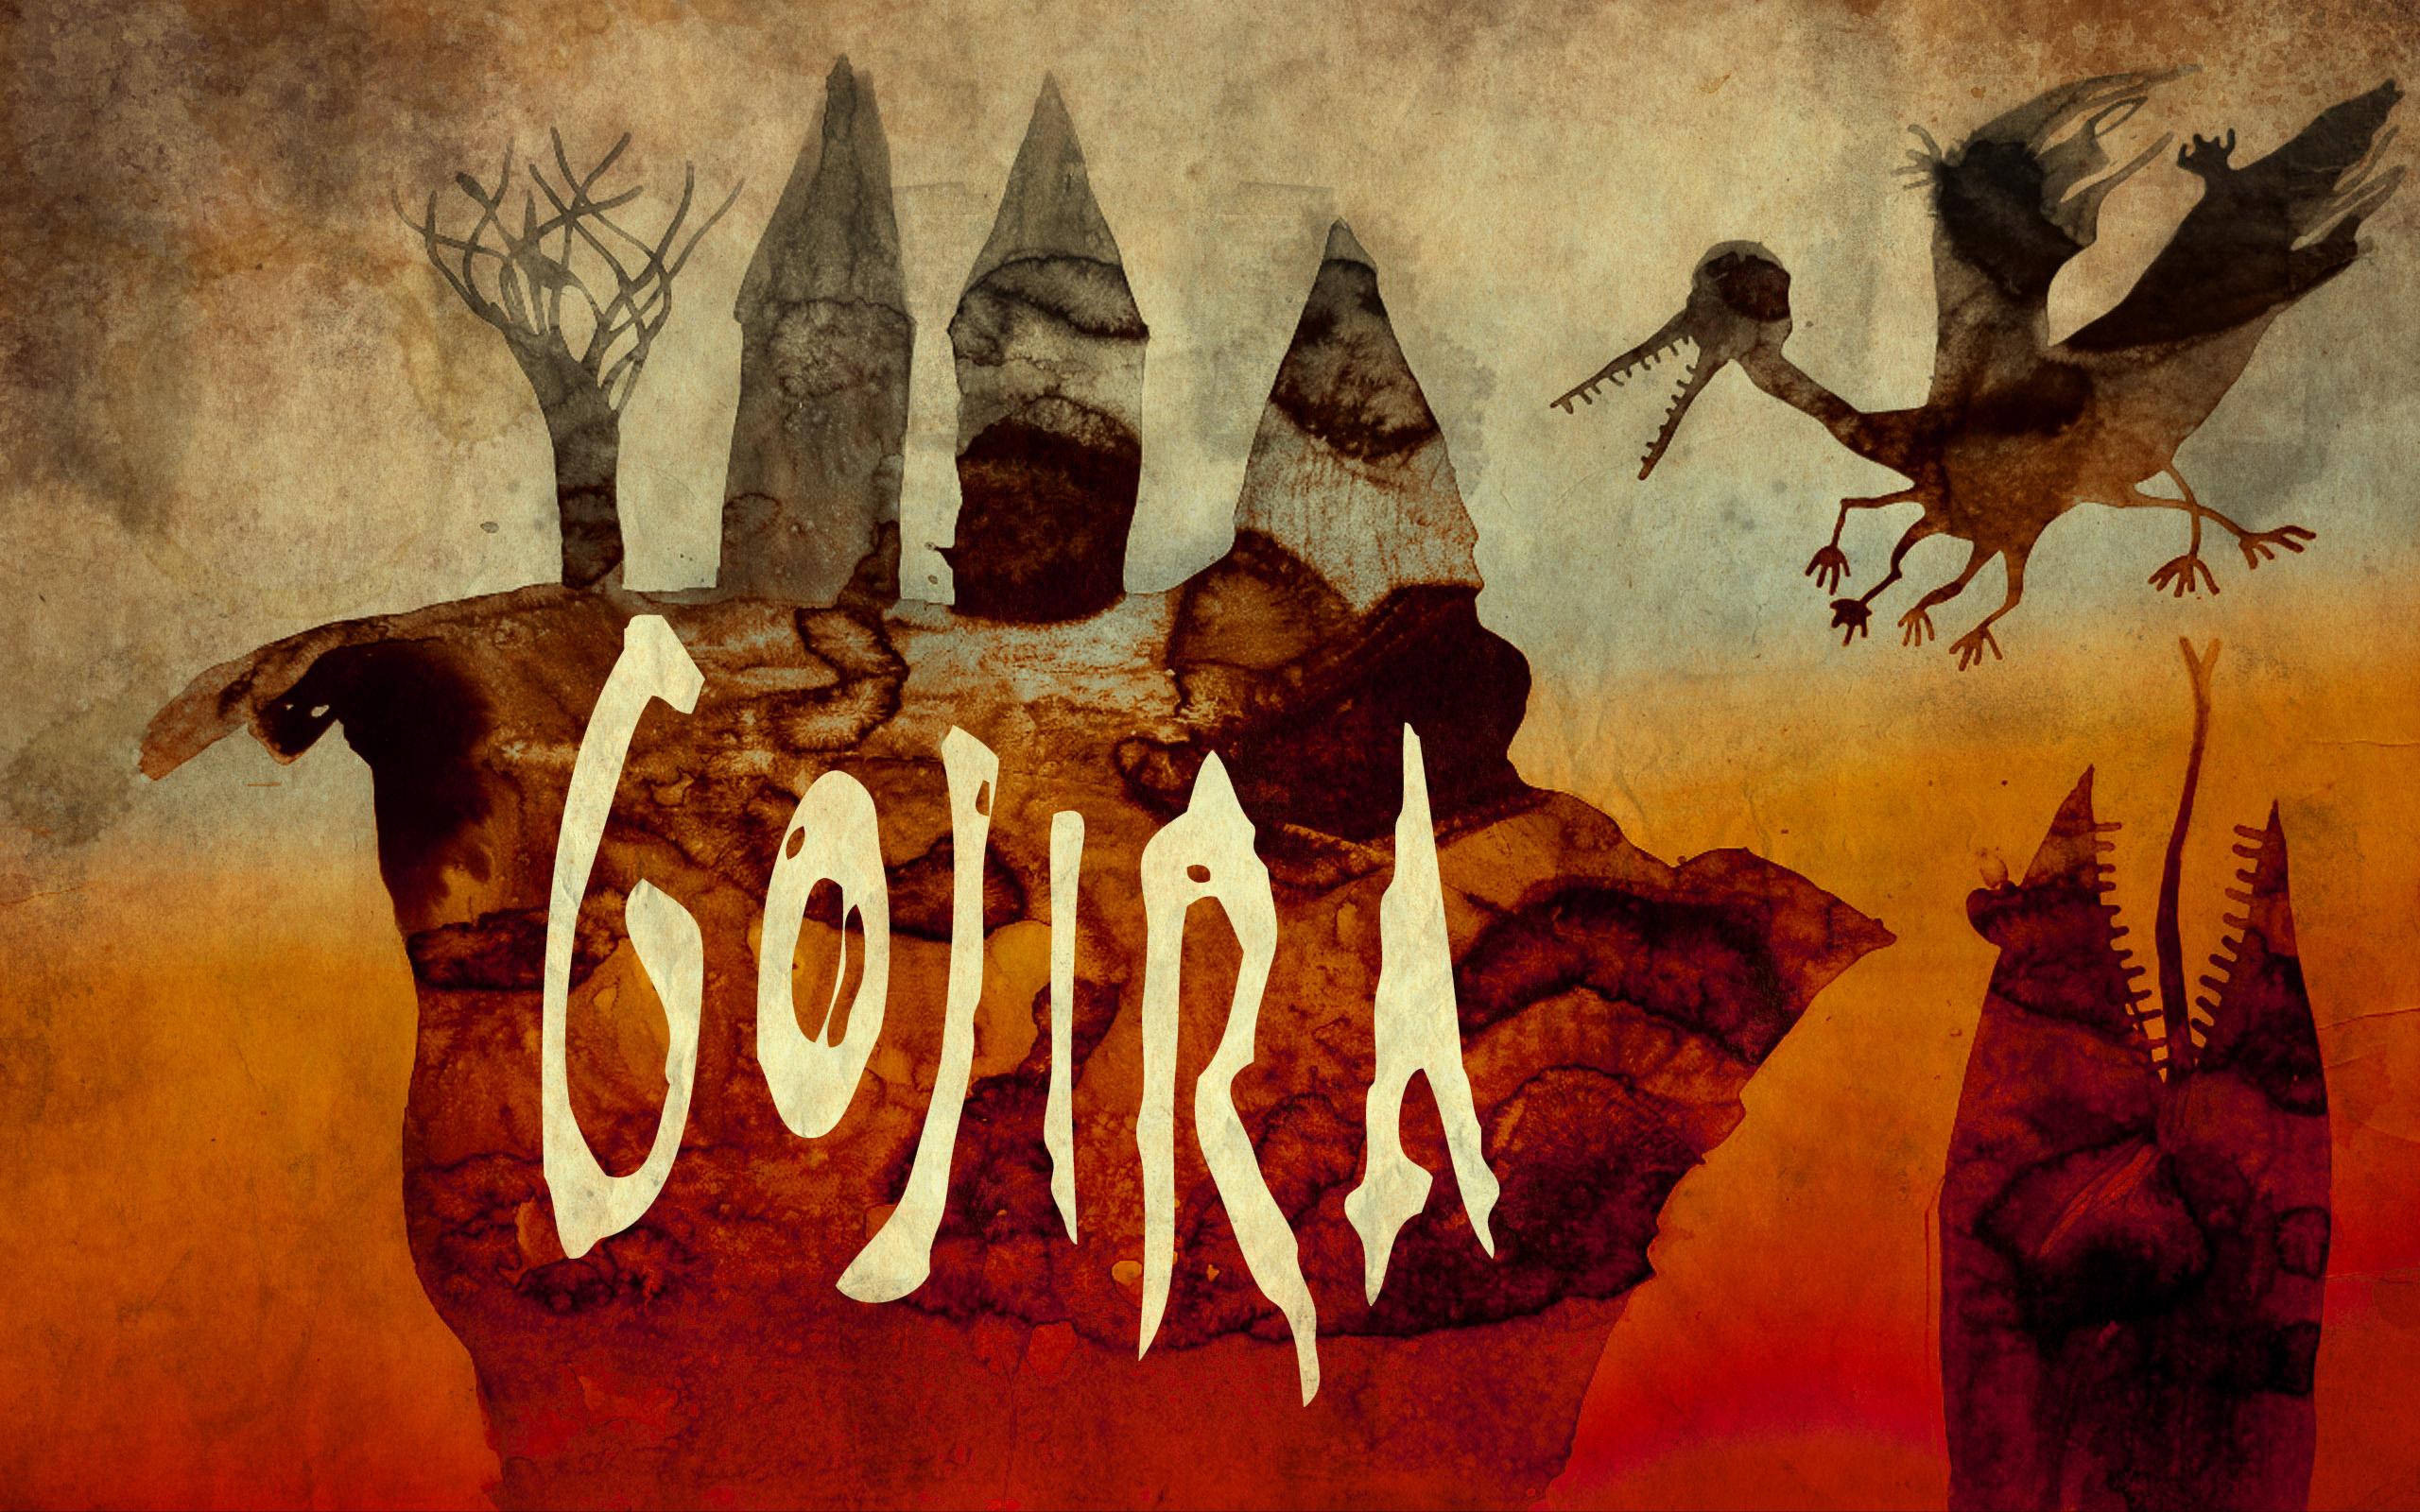 Gojira Computer Wallpapers Desktop Backgrounds 2560x1600